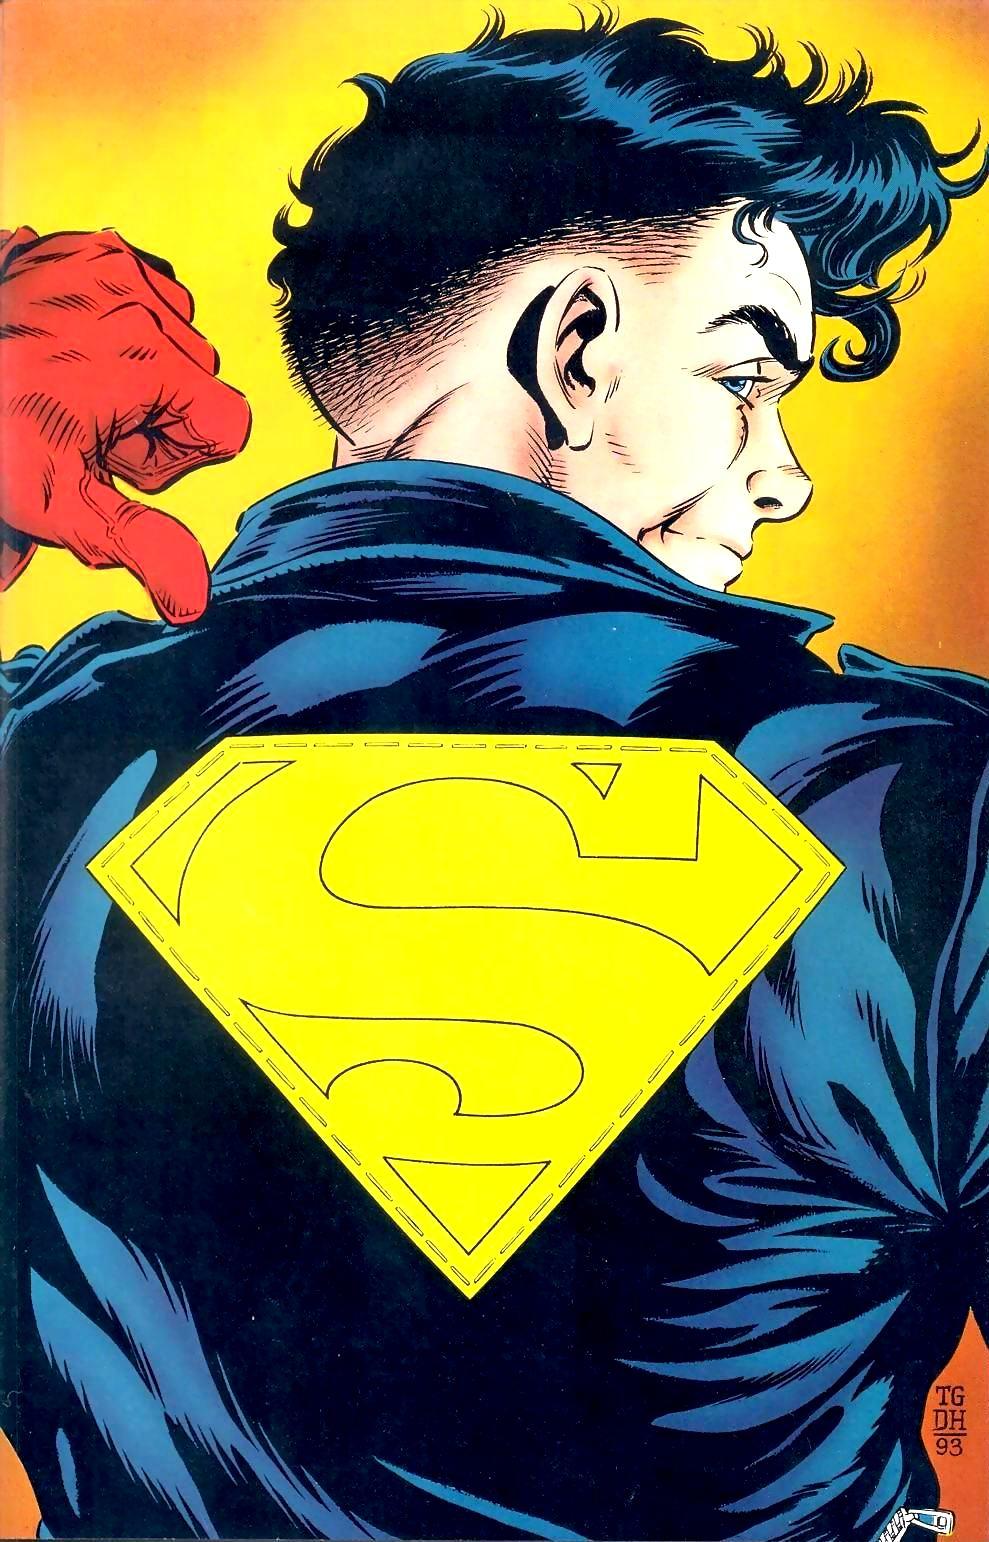 [TEMPORADA 1] CLASH OF SUPERHEROES - Parte 1 - - Página 21 Superboy_Kon-El_002